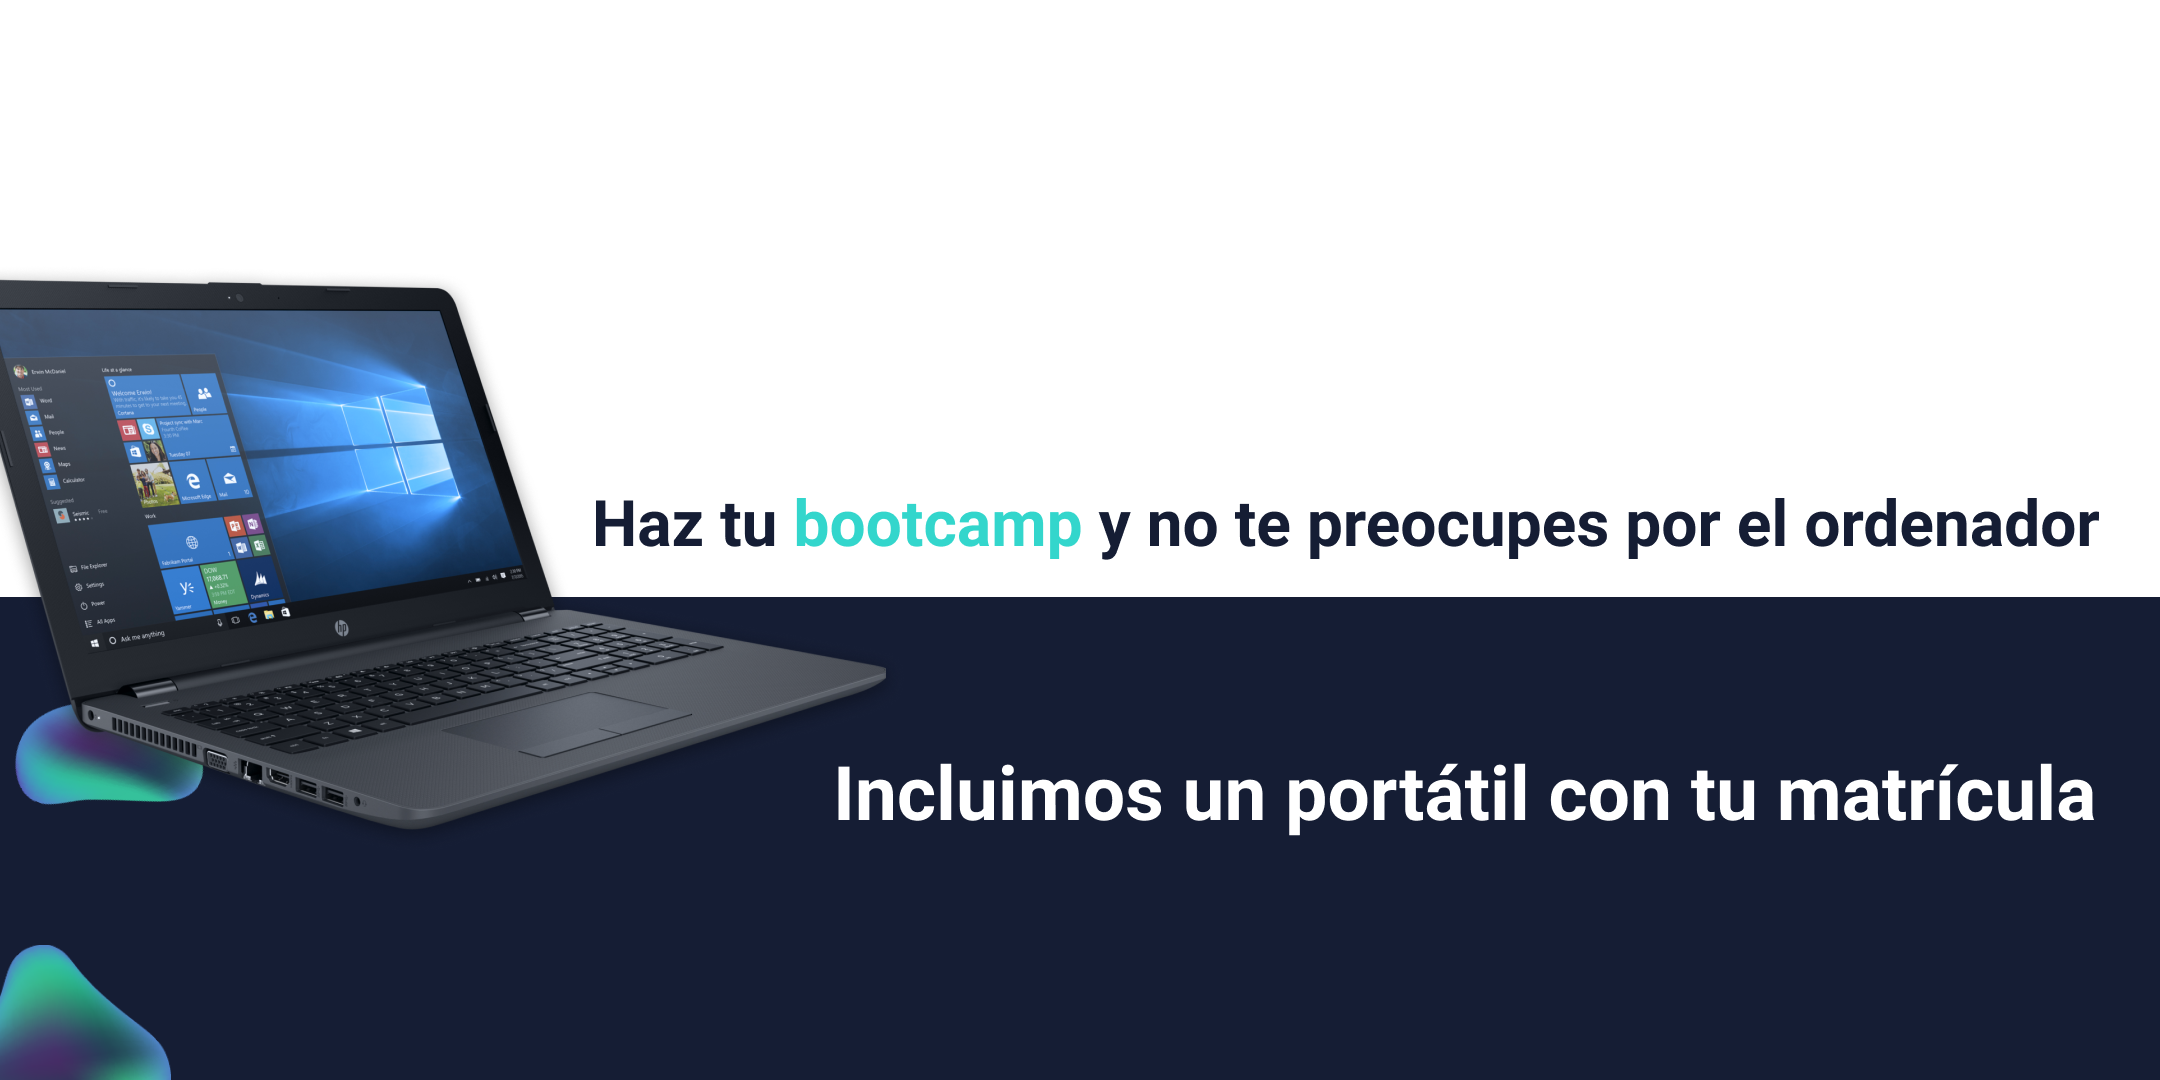 Incluimos un portátil con tu matrícula - ID Bootcamps